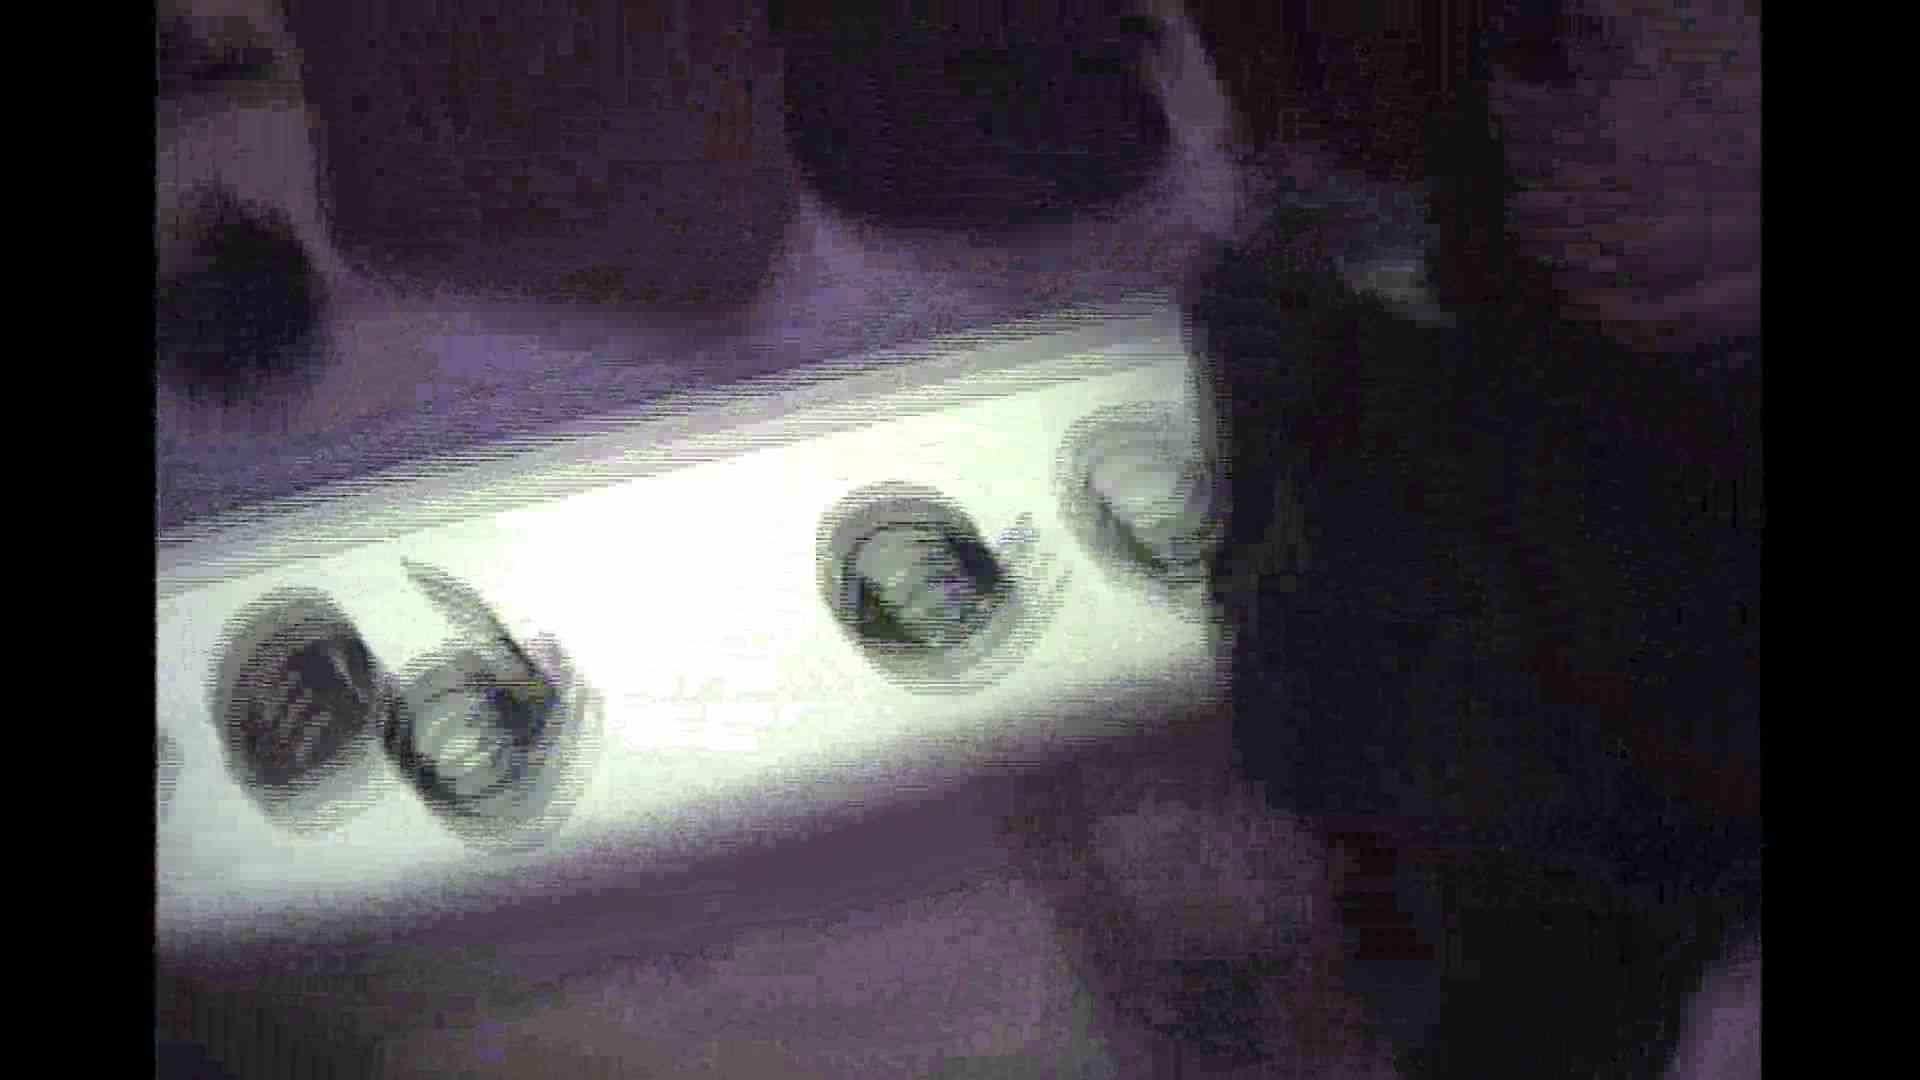 働く美女の谷間参拝 Vol.14 コスチューム おめこ無修正動画無料 107画像 71